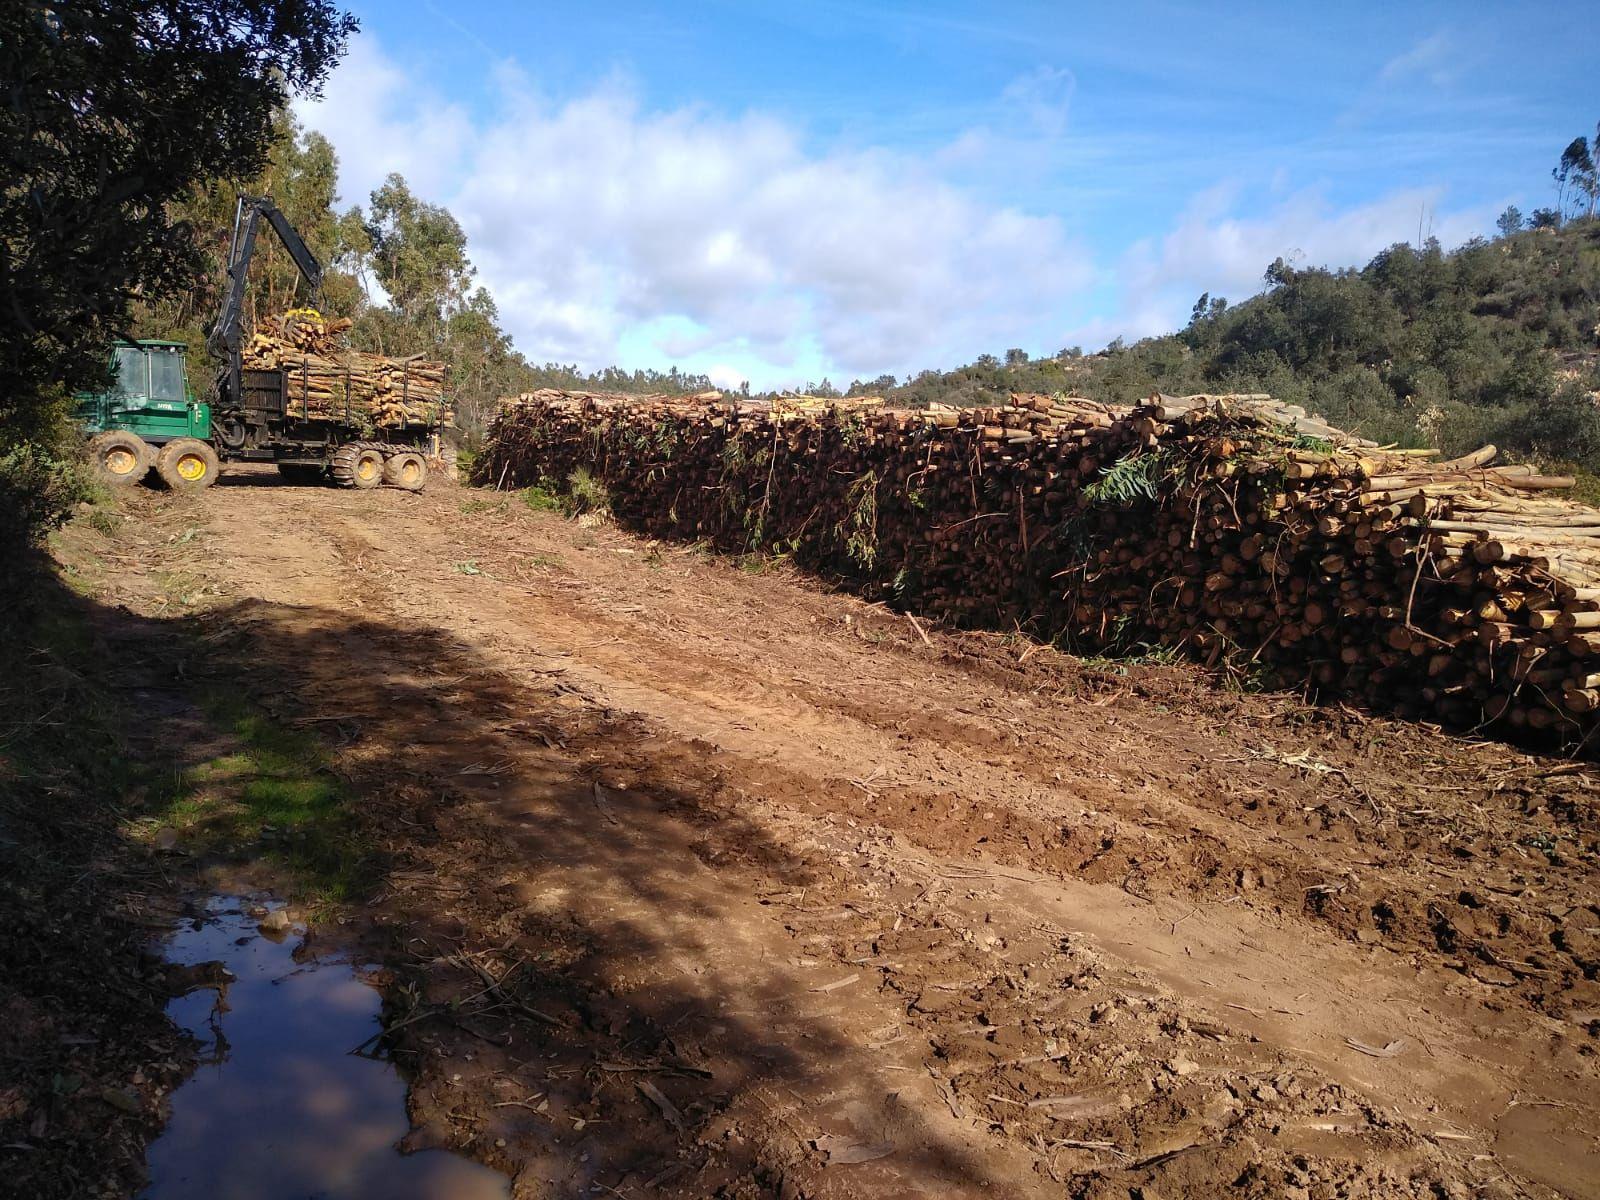 Limpieza de bosques